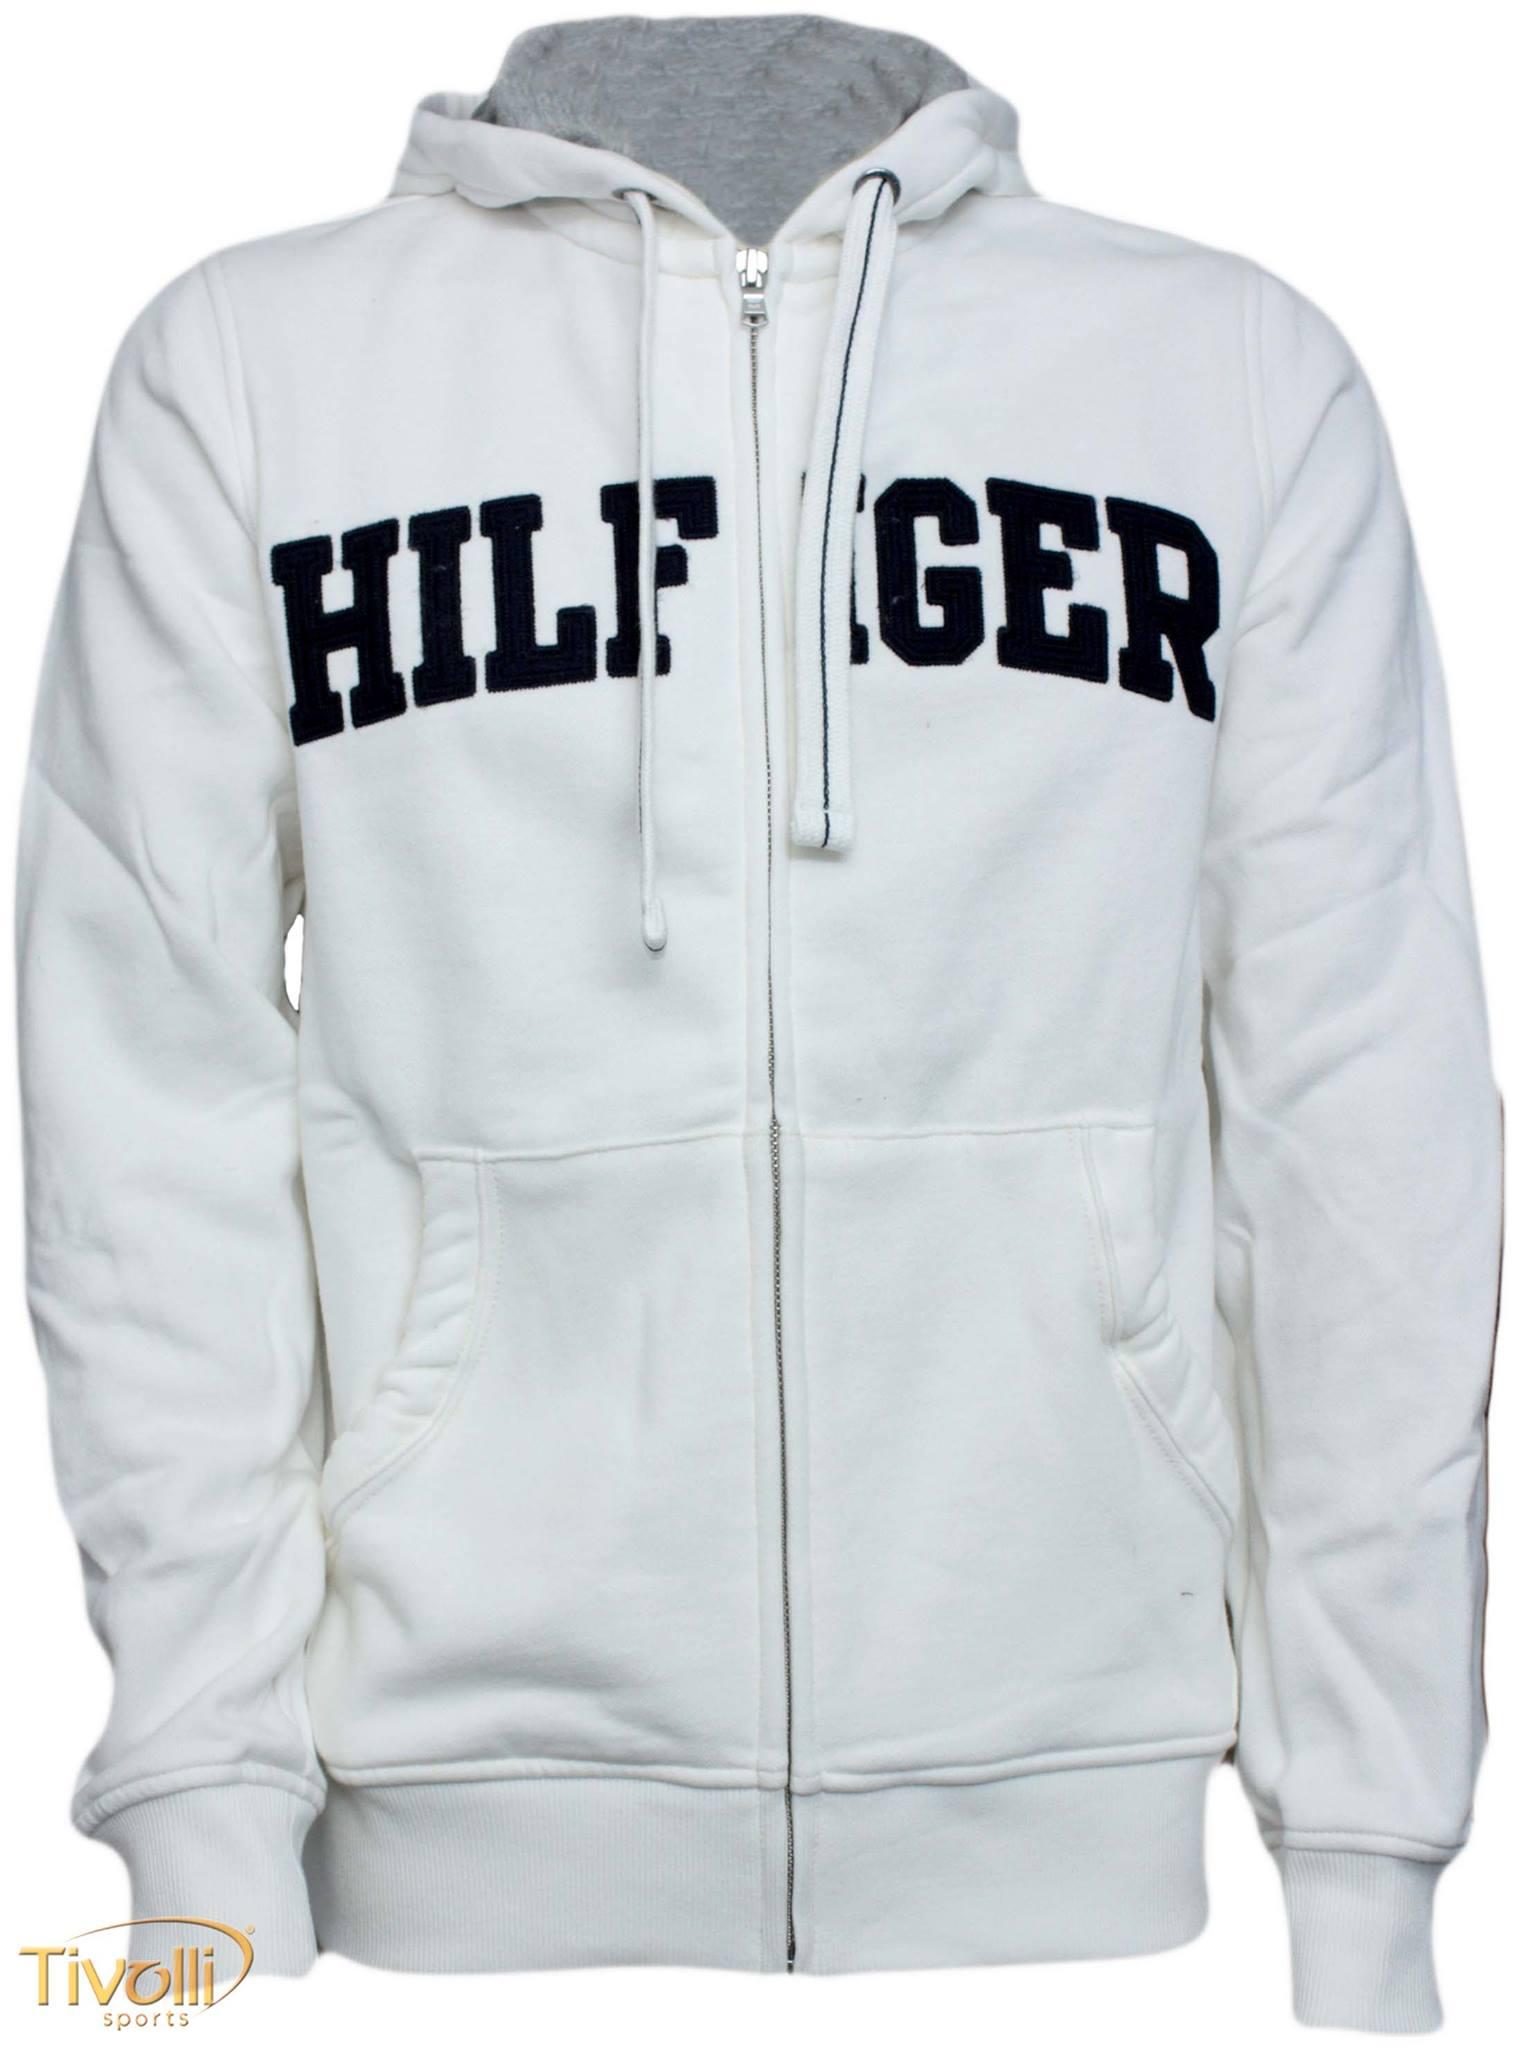 5f6386b1bf Blusa de Moletom Tommy Hilfiger   Masculina branca com ziper